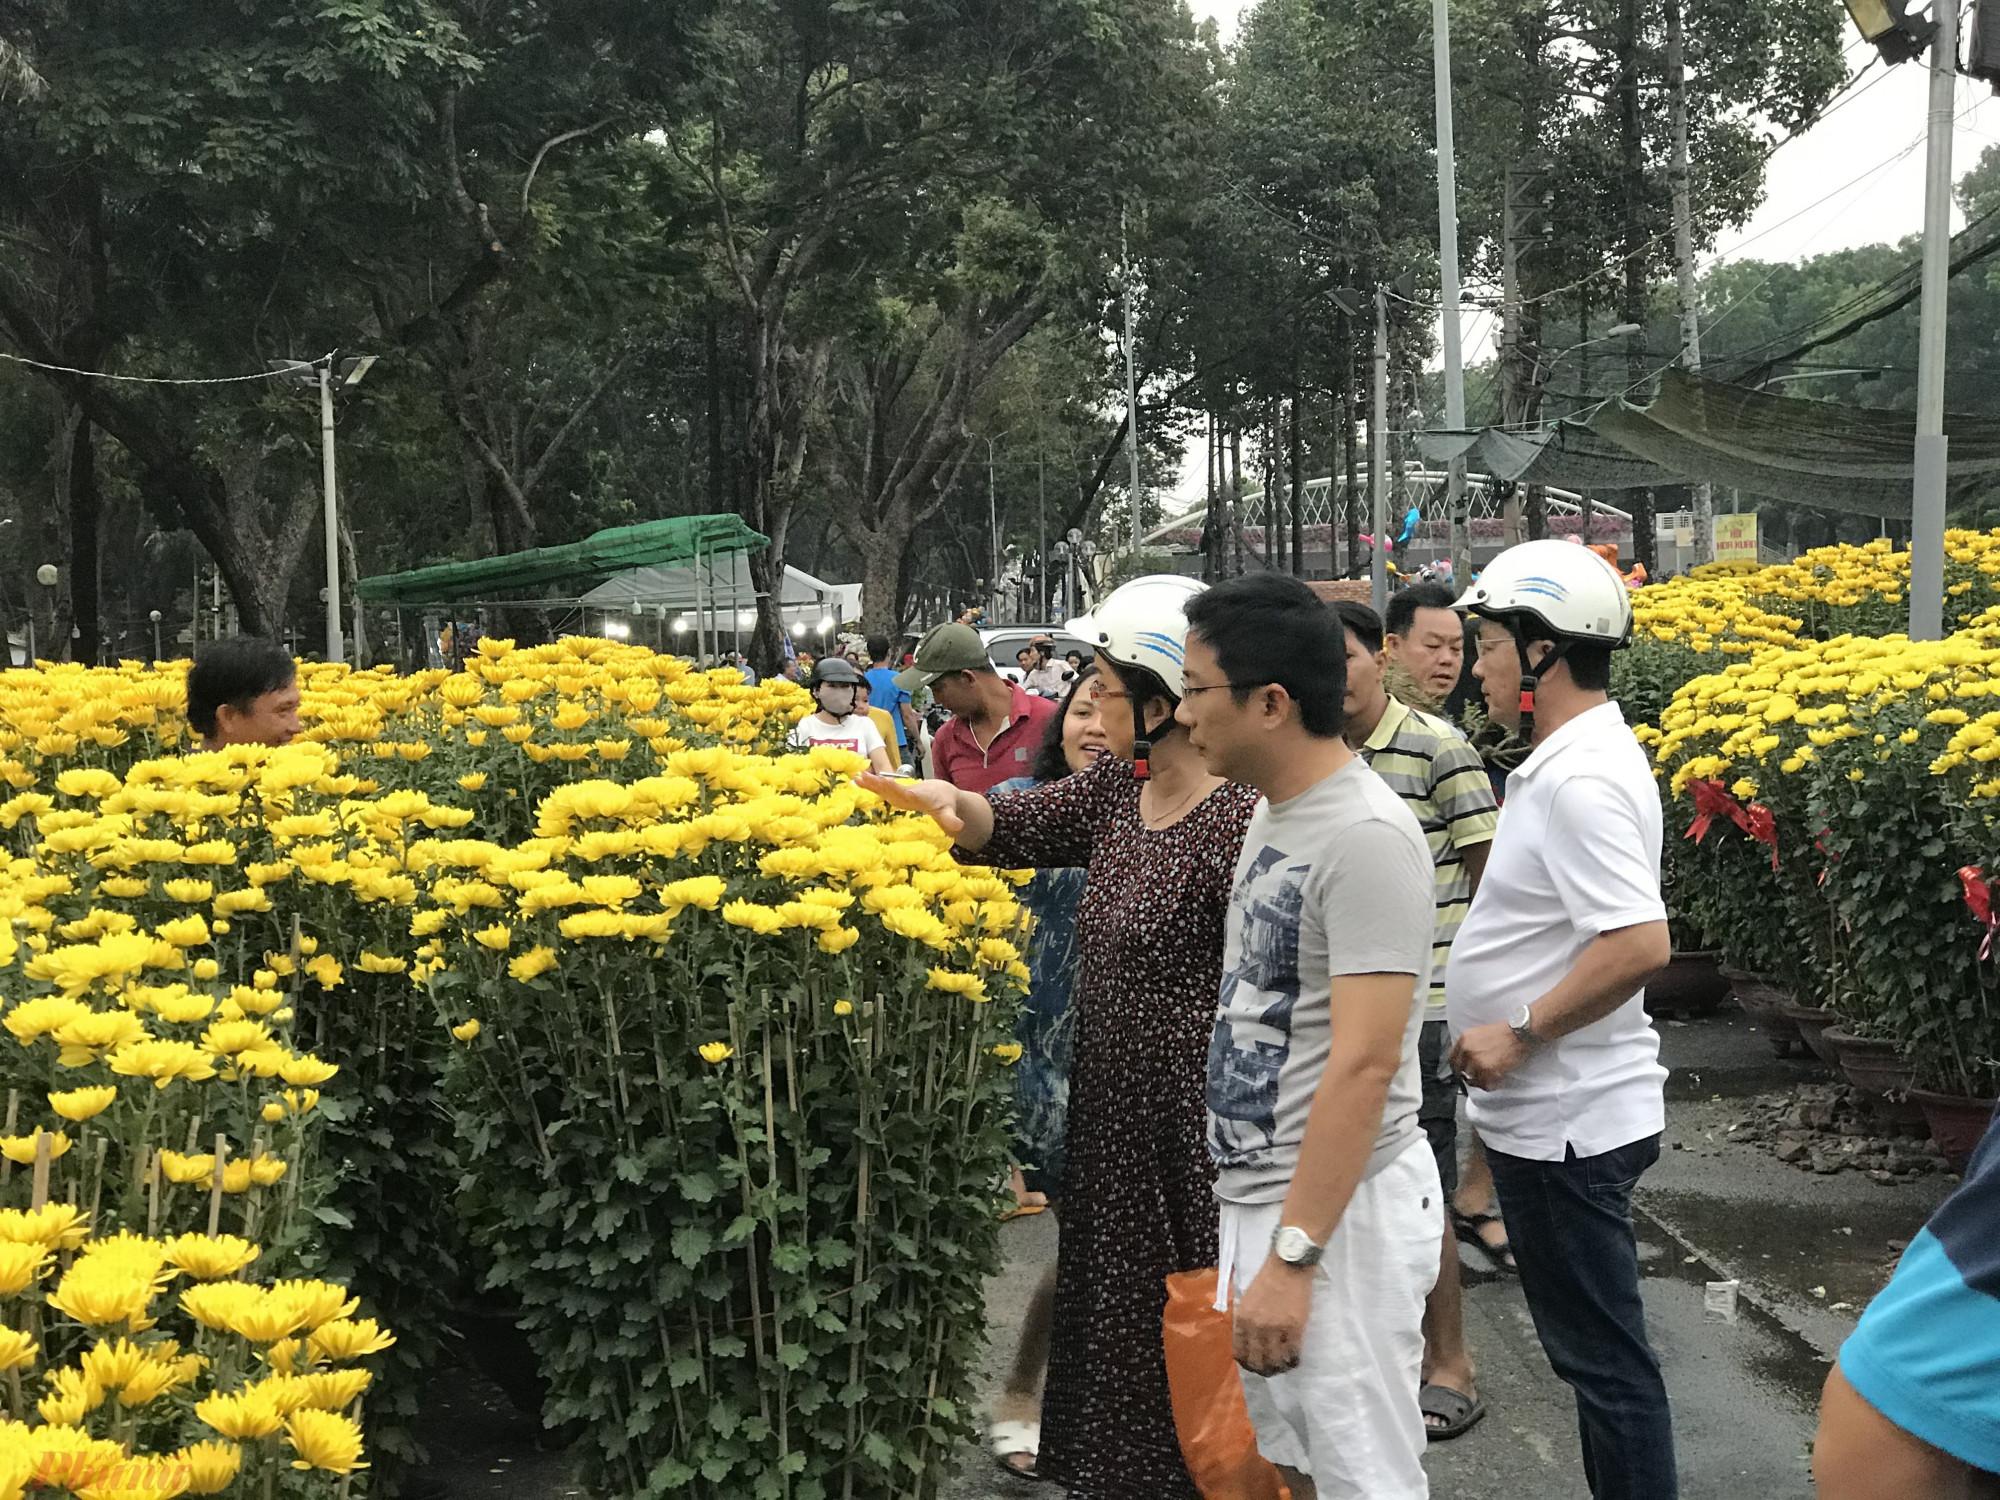 Một người bán hoa cúc Ninh Hoà lâu năm tại công viên này cho hay, riêng năm nay điểm bán vận chuyển gần 20 xe tải hoa cúc vào TPHCM bán mỗi xe khoảng 40-80 chậu tuỳ kích thước.